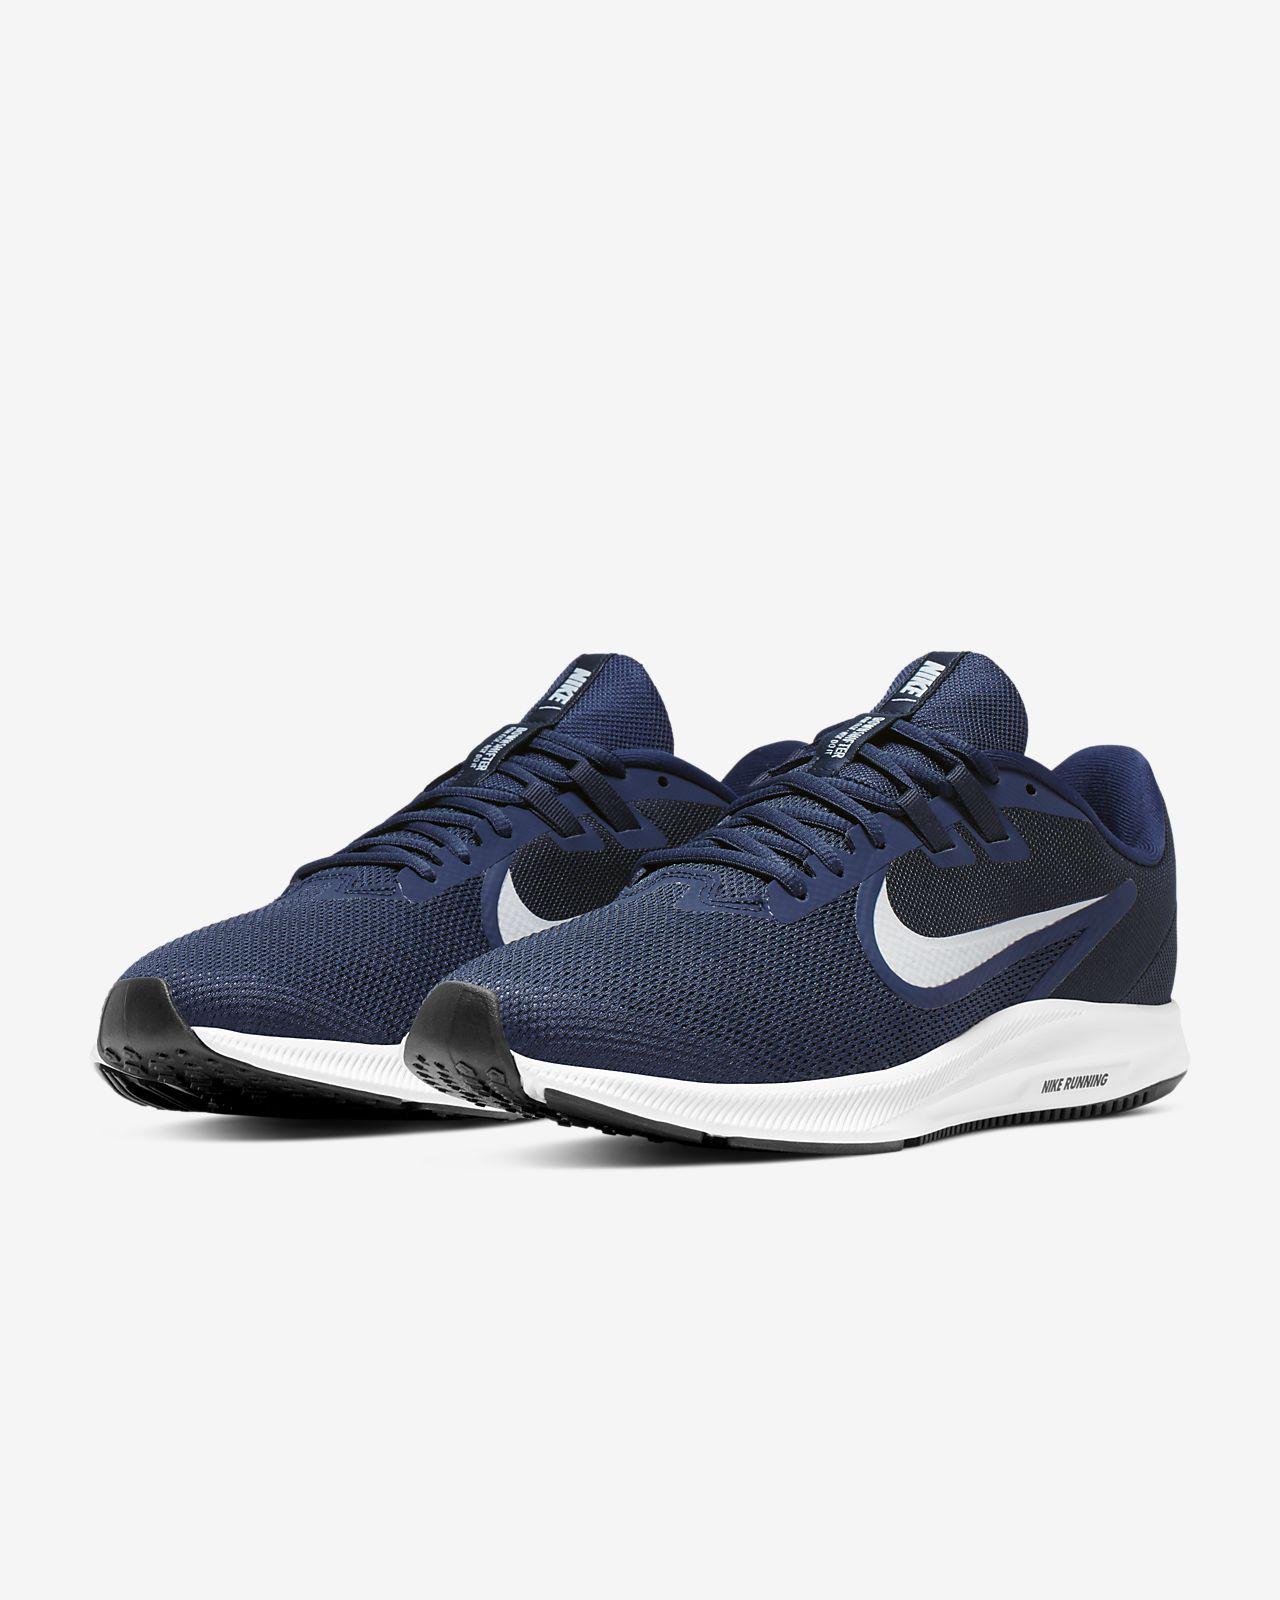 9 Downshifter Laufschuh Nike Herren Downshifter 9 Herren 9 Nike Herren Nike Downshifter Laufschuh e9Y2EDHIWb